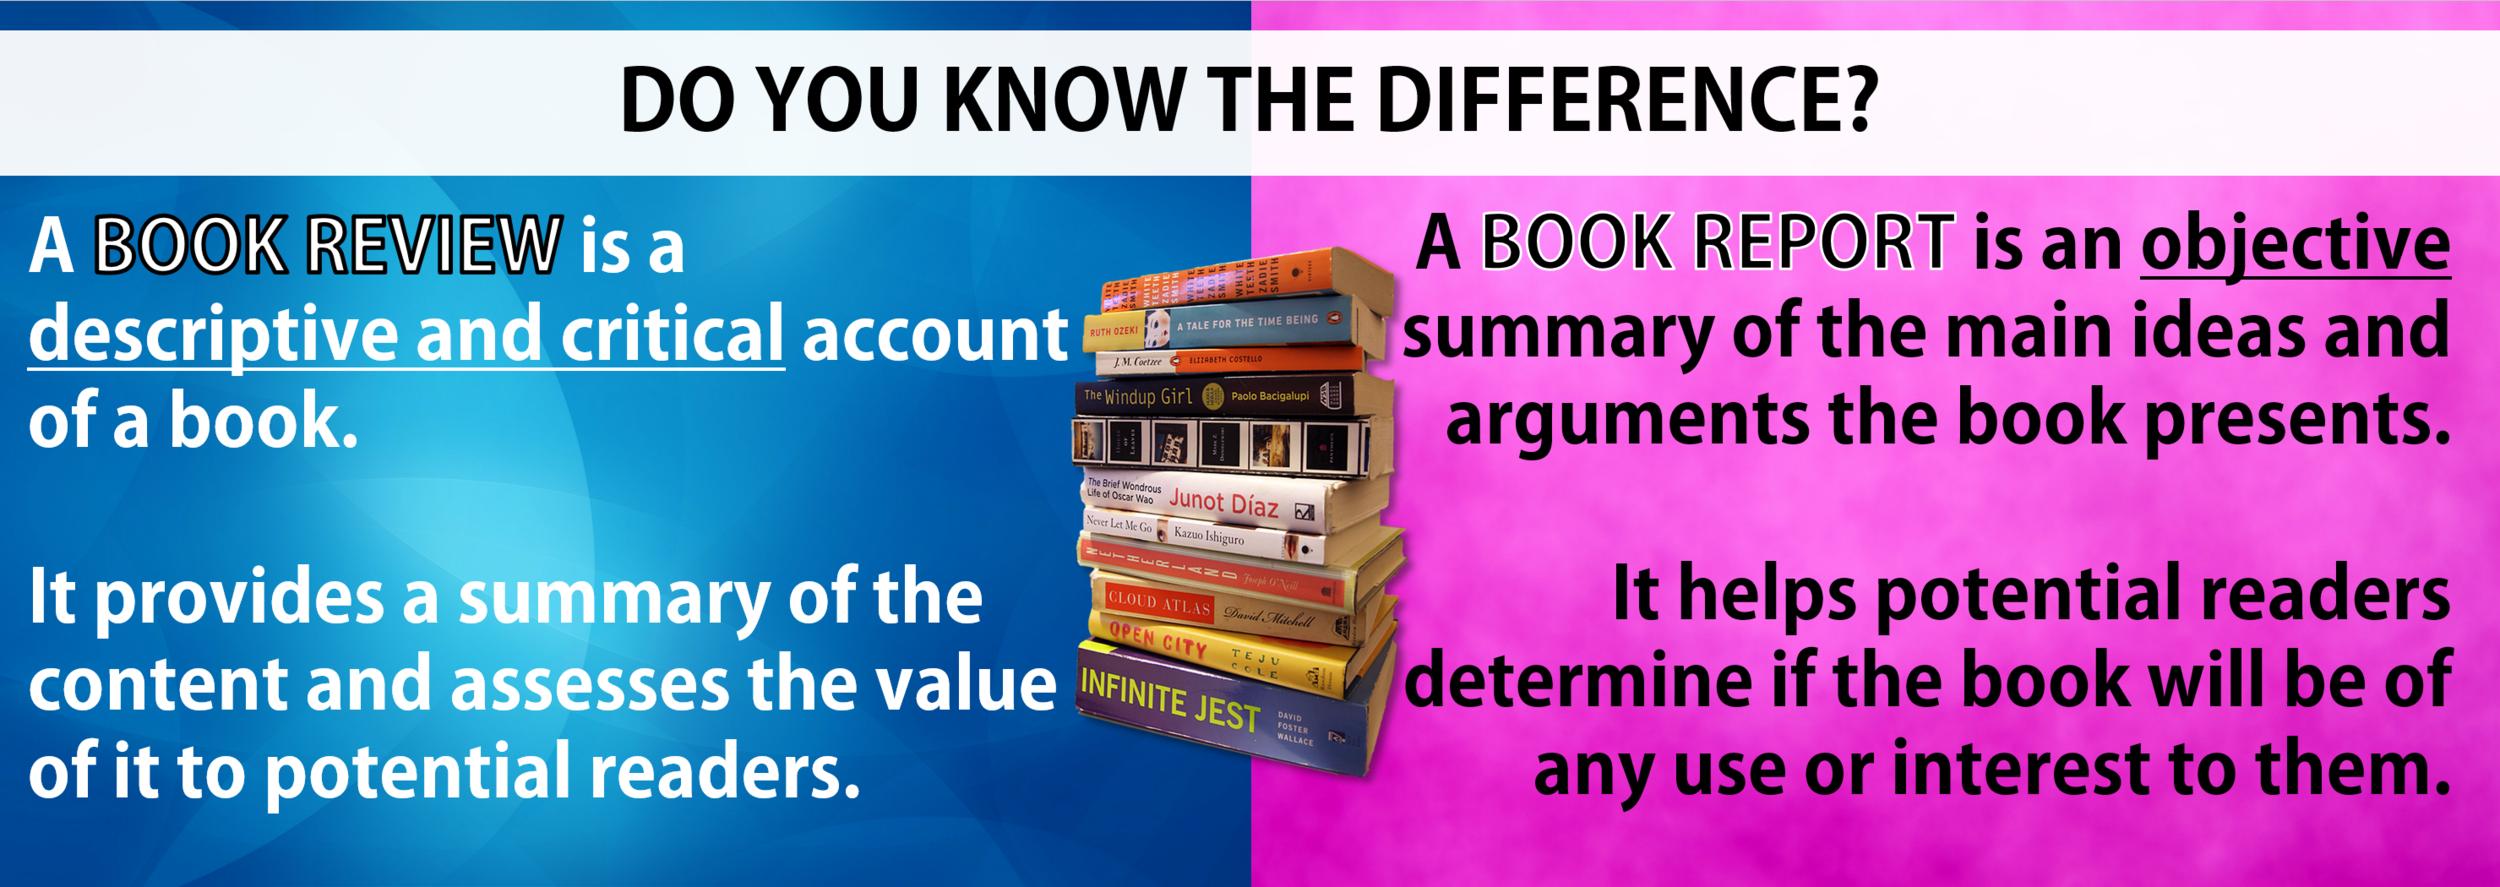 book_reviews_vs_book_reports.jpg